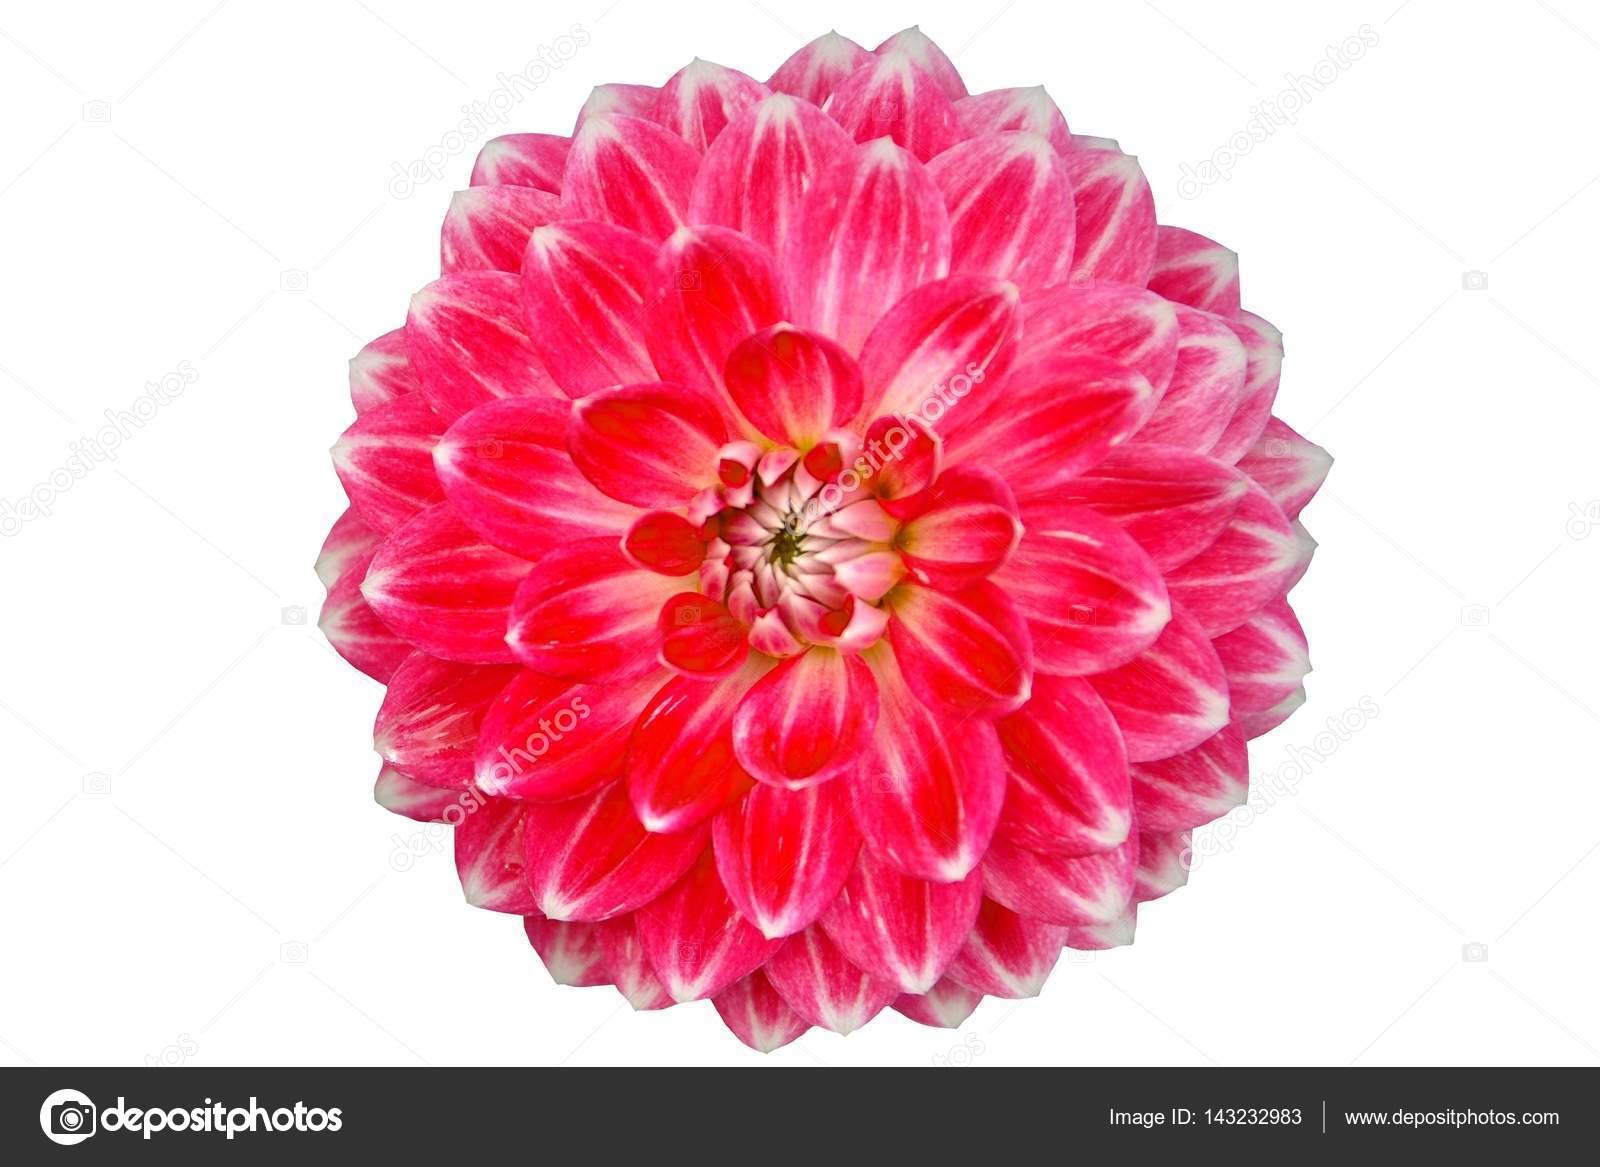 Beyaz Izole Tek çiçek Açan Yakın çekim Kırmızı Yıldız çiçeği çiçek